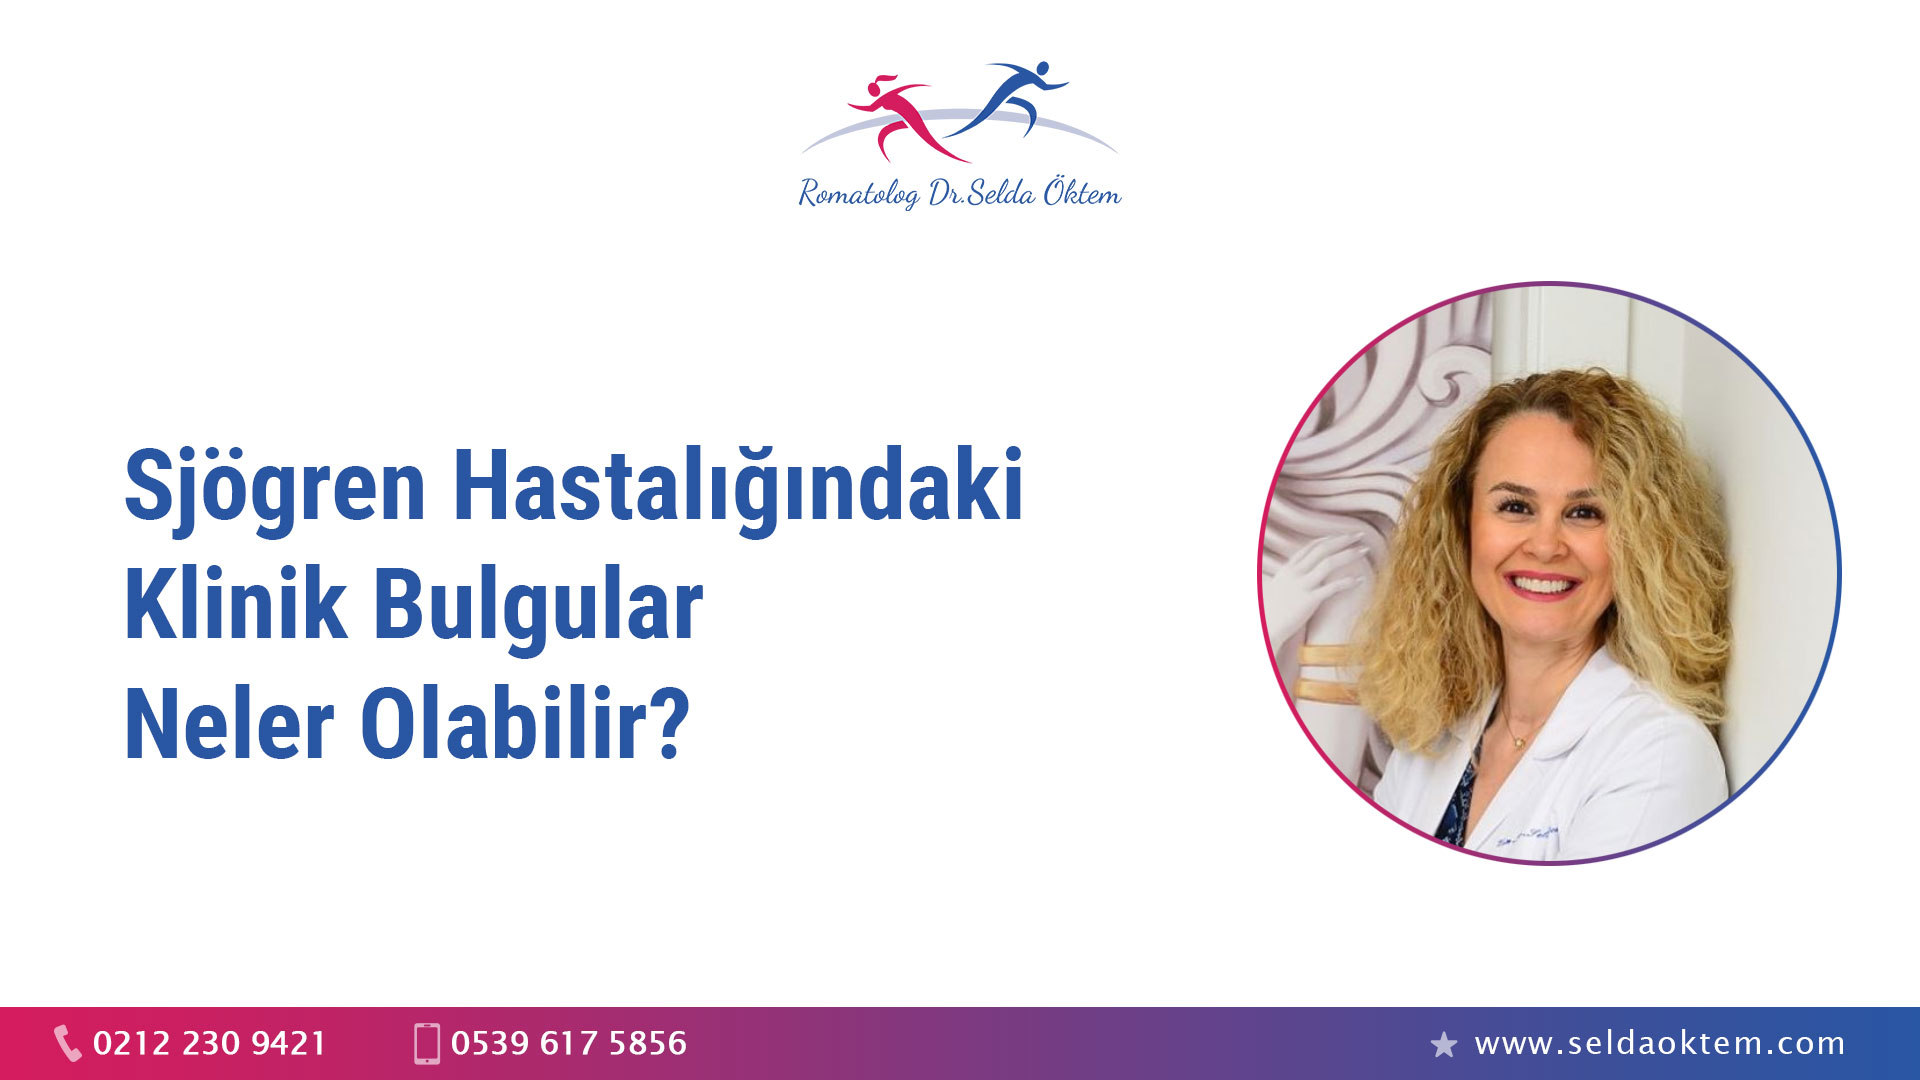 Sjögren Hastalığındaki Klinik Bulgular Neler Olabilir?